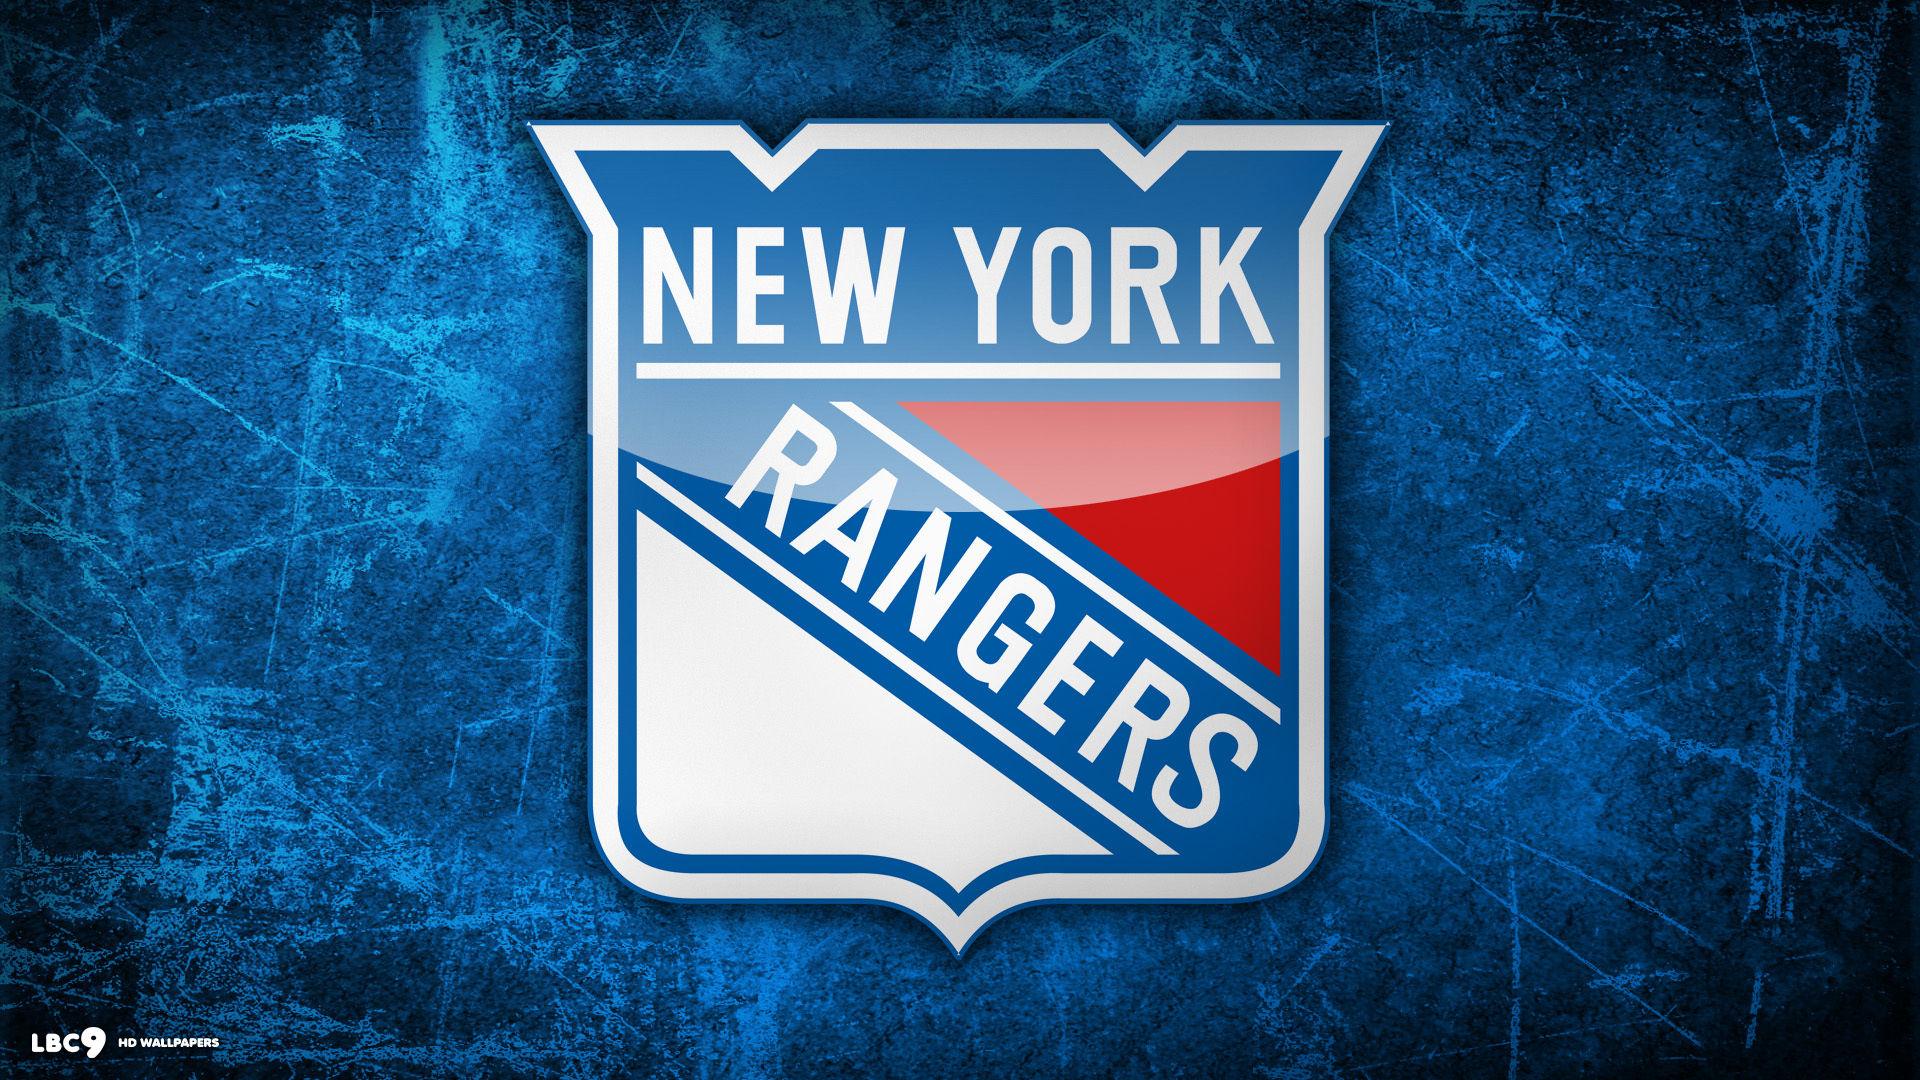 New York NY Rangers Logo 1920x1080